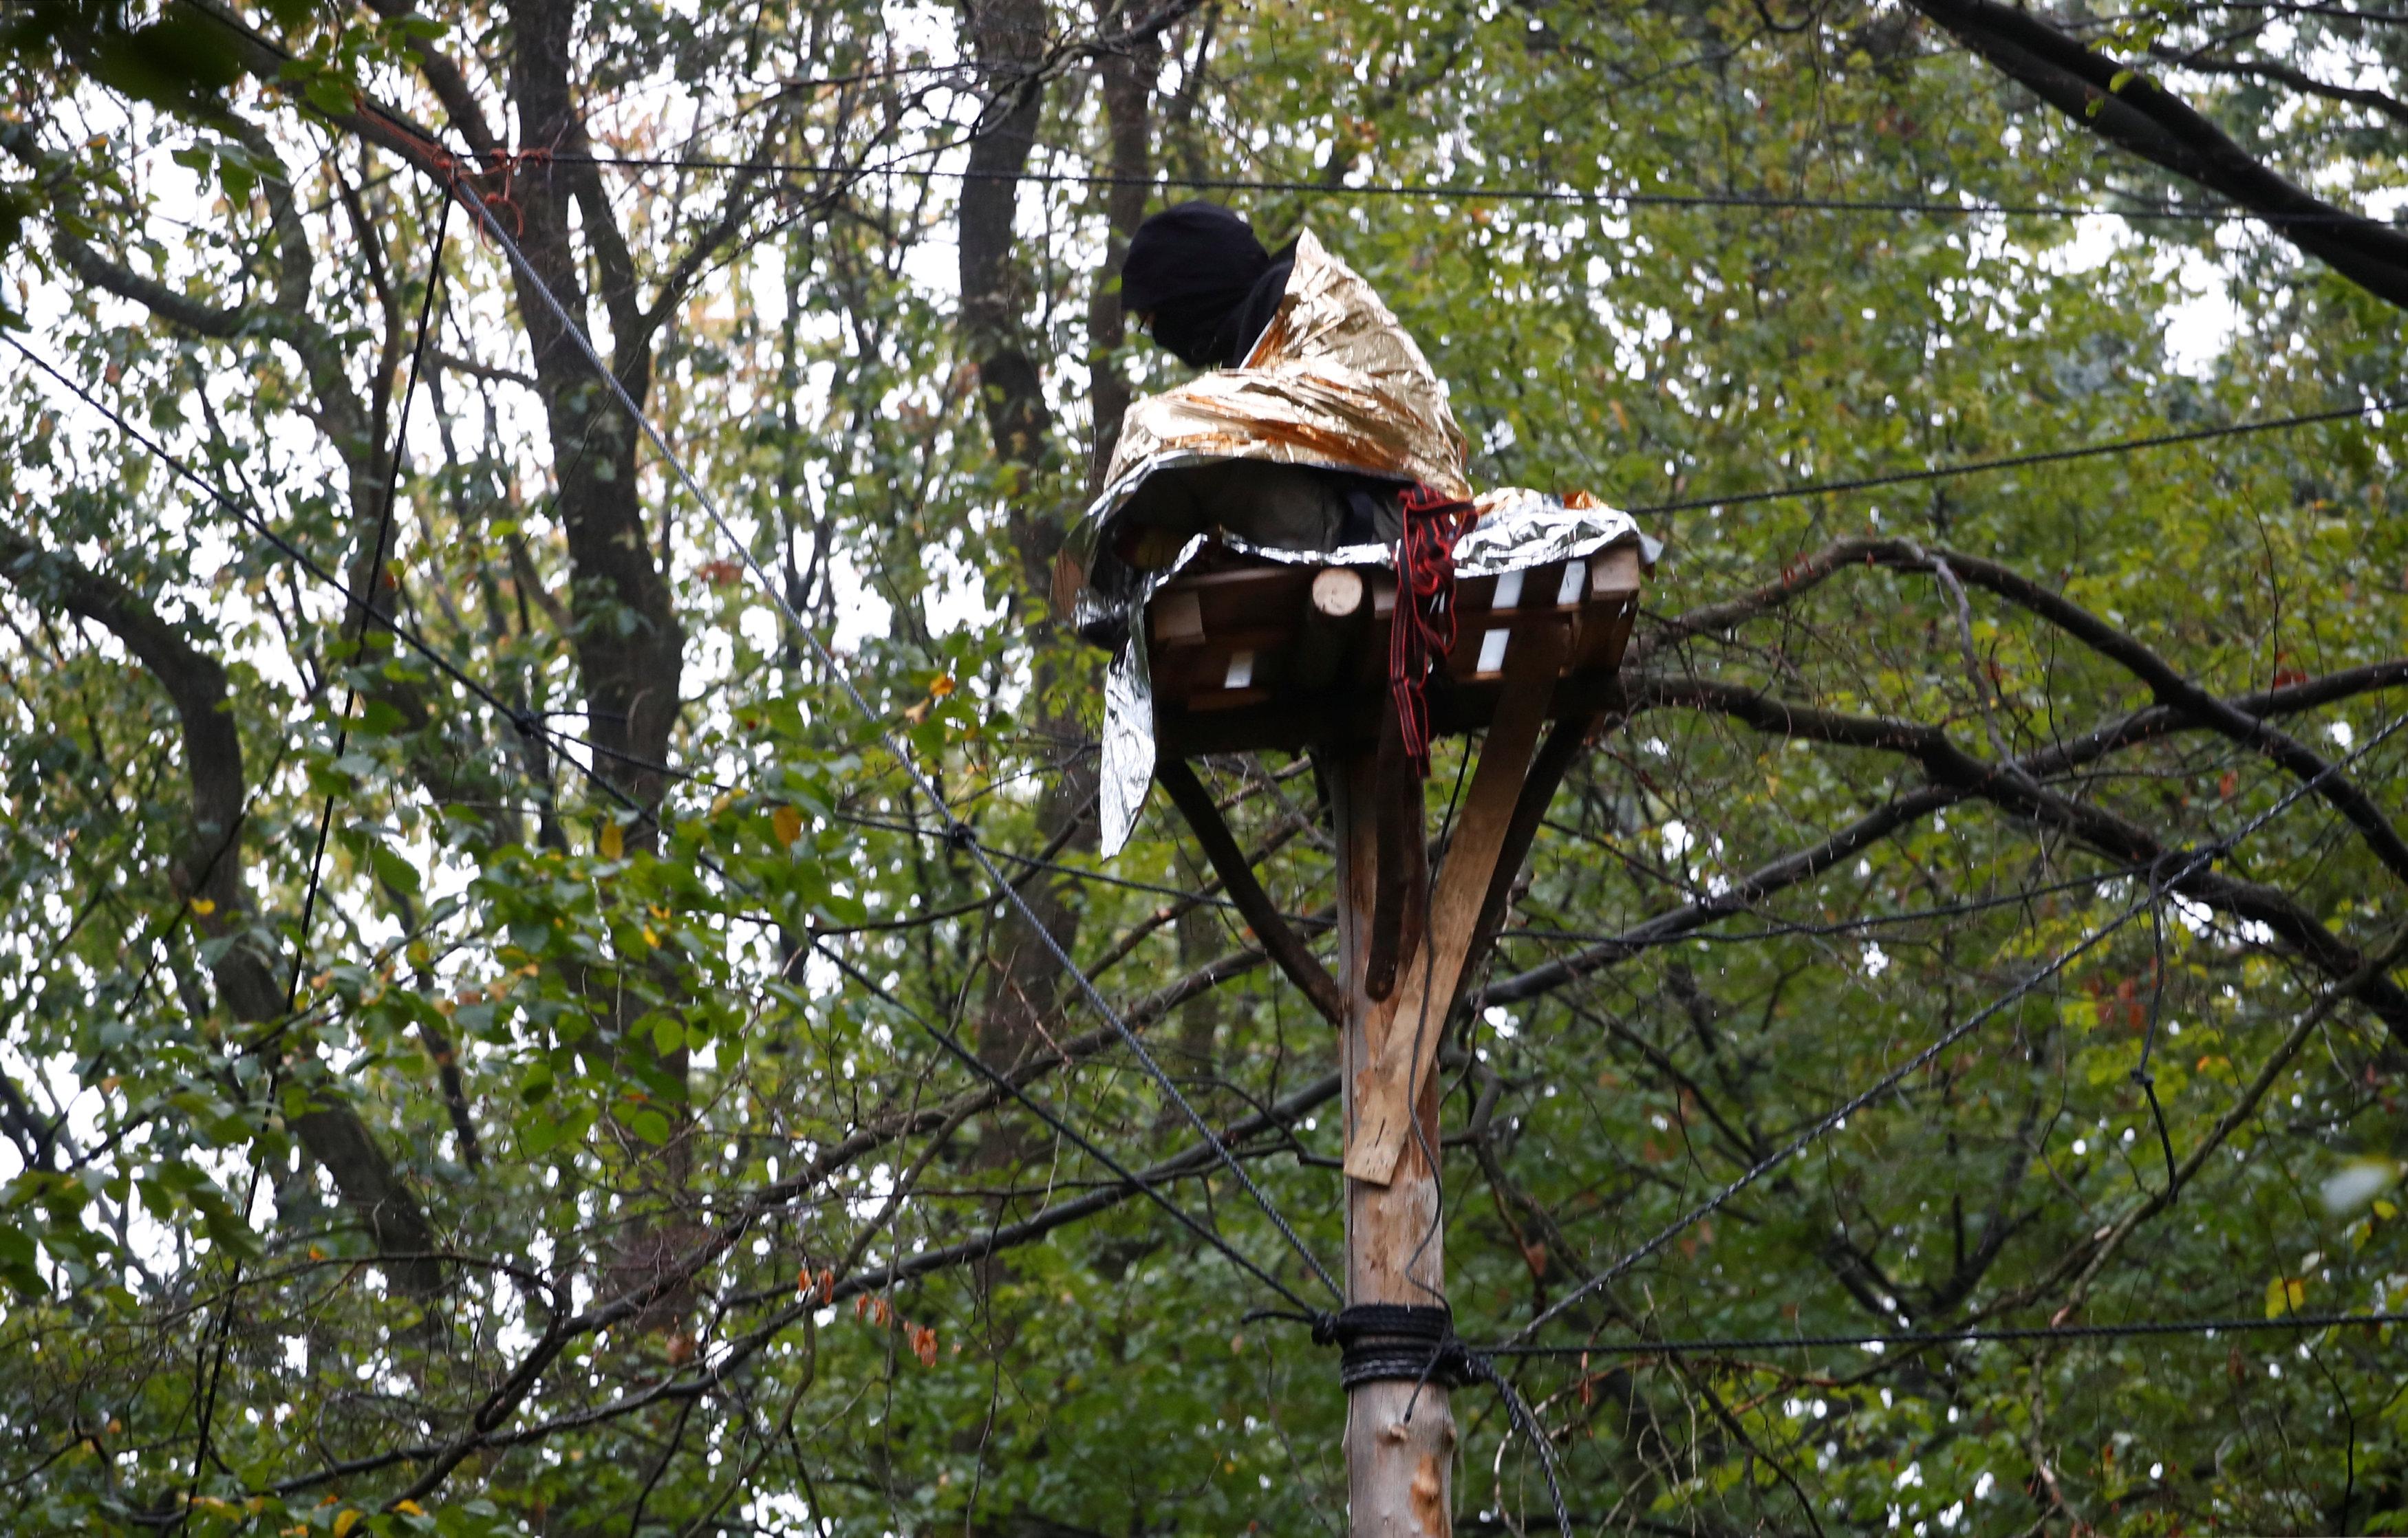 أحد المتظاهرين أعلى أحد الأشجار بالغابة